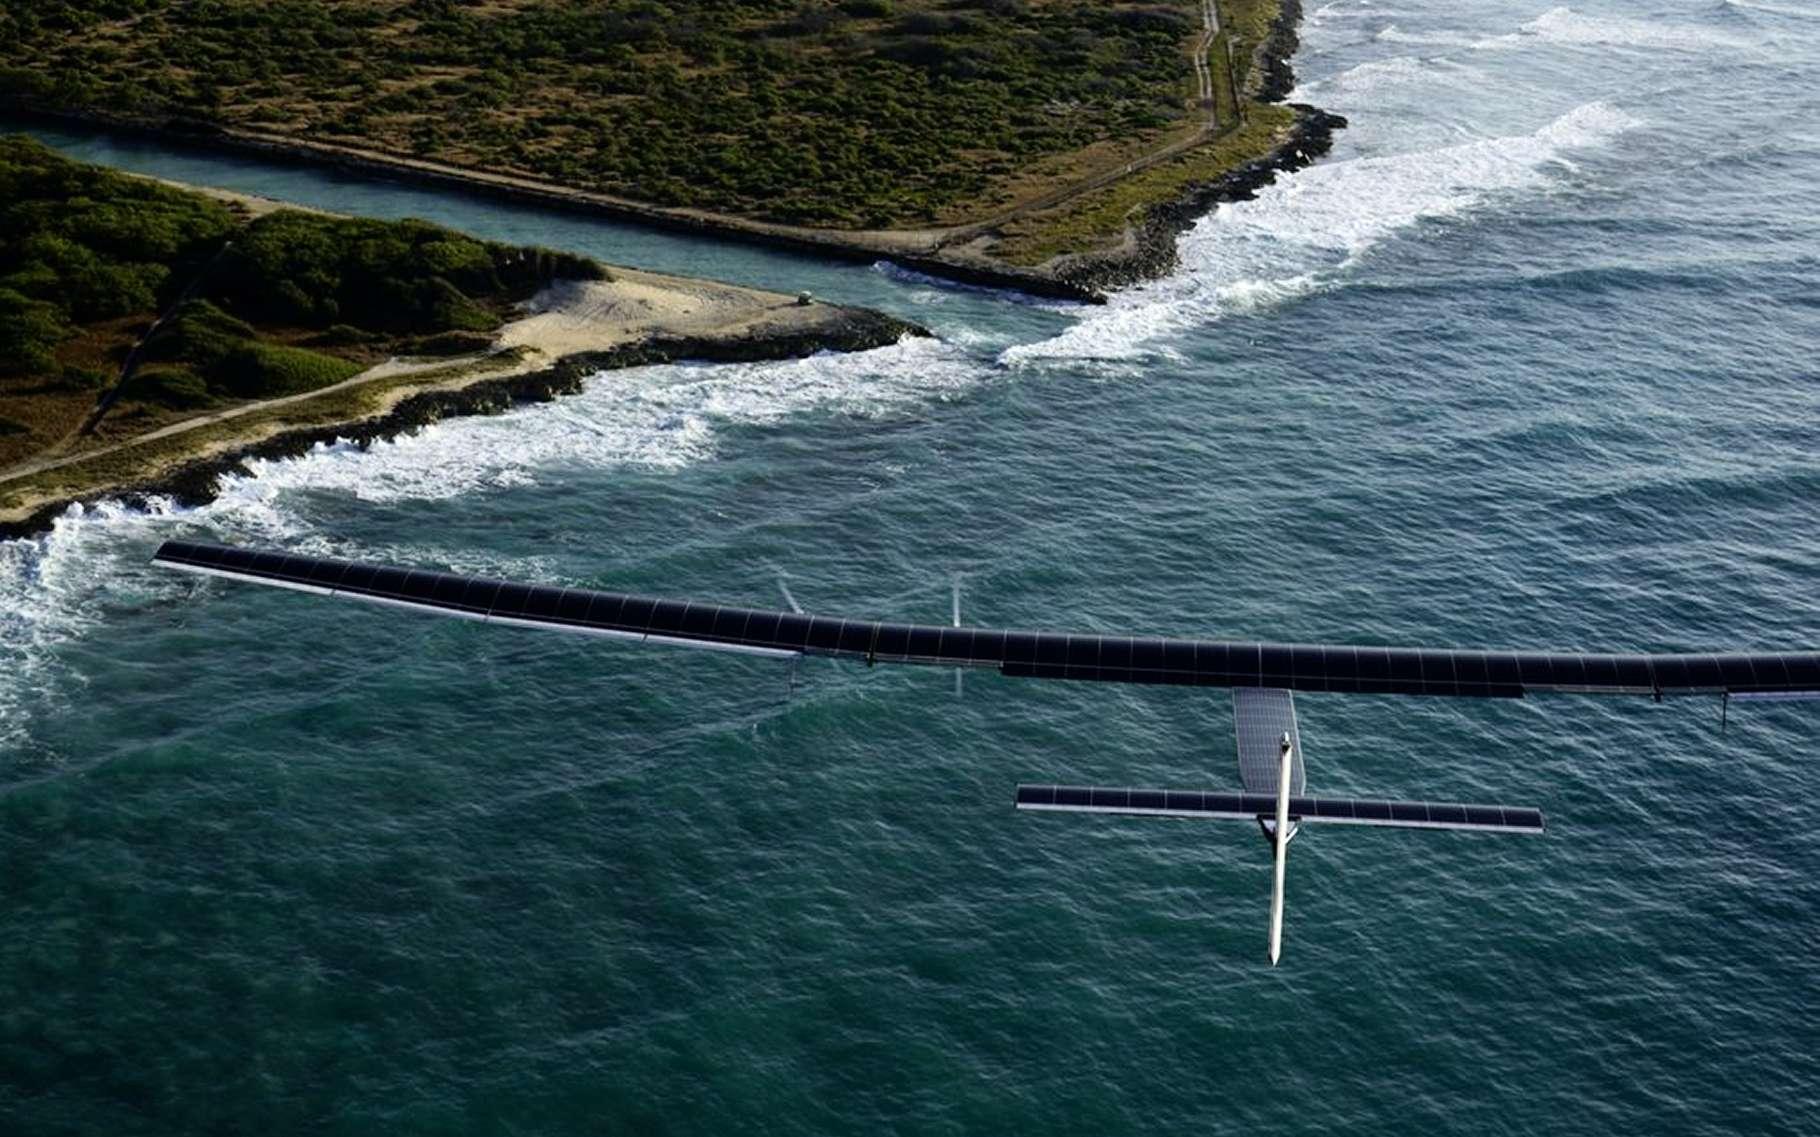 Le SI2, immatriculé HB-SIB, s'apprêtant à se poser sur la piste de l'aéroport d'Hawaï le vendredi 26 février 2016, à l'issue du vol d'essai qui valide la reprise du tour du monde de cet avion solaire. © Solar Impulse